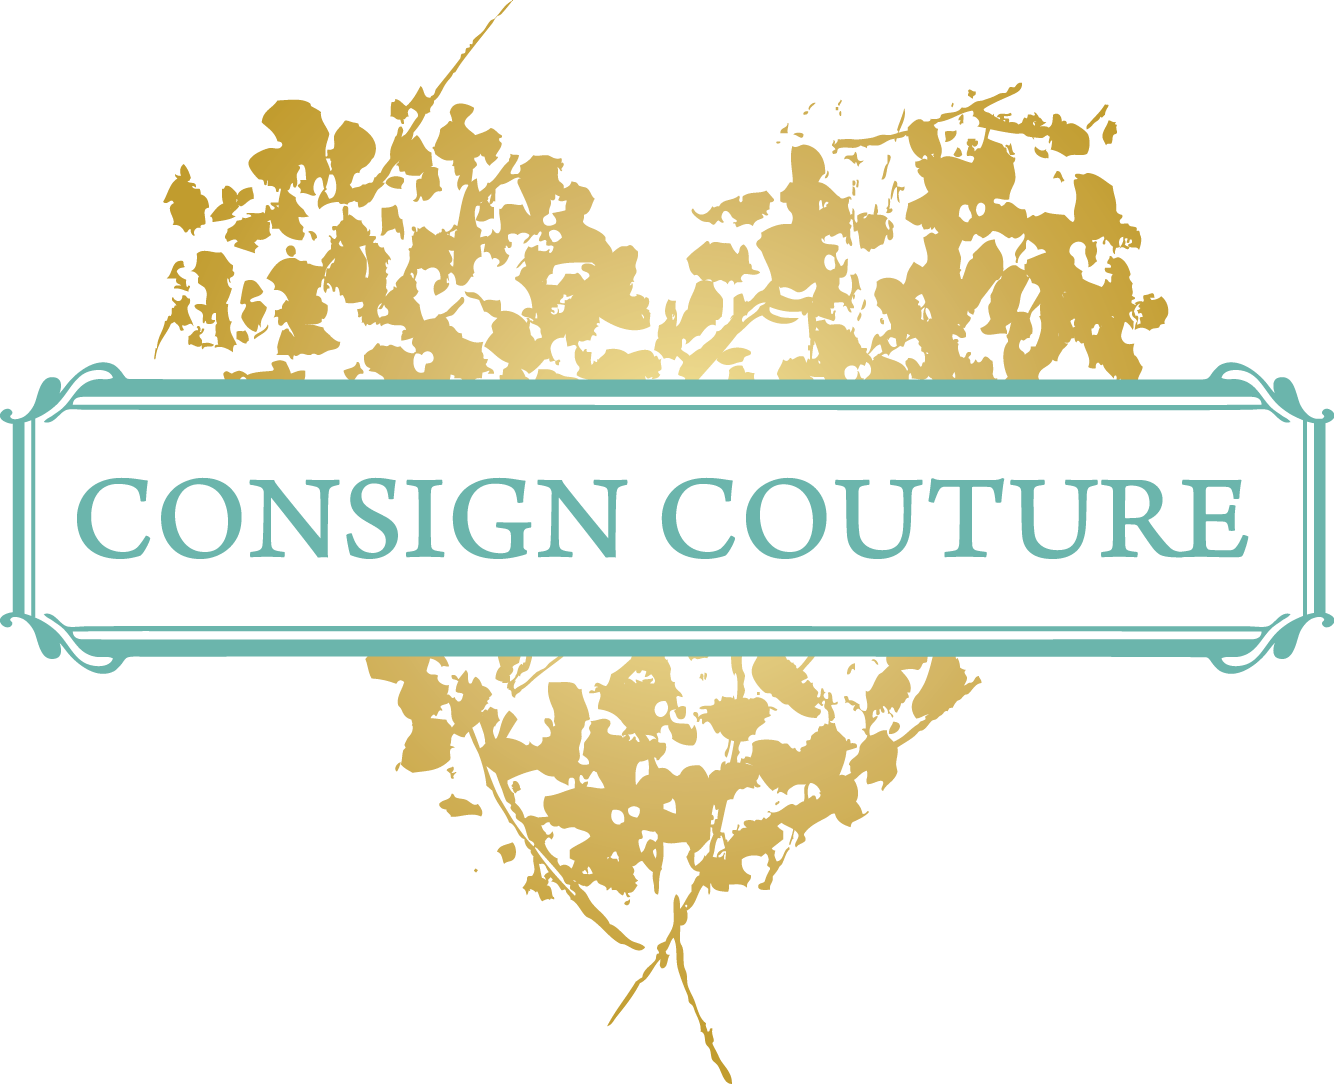 33eba2bf7871 Blog — Consign Couture